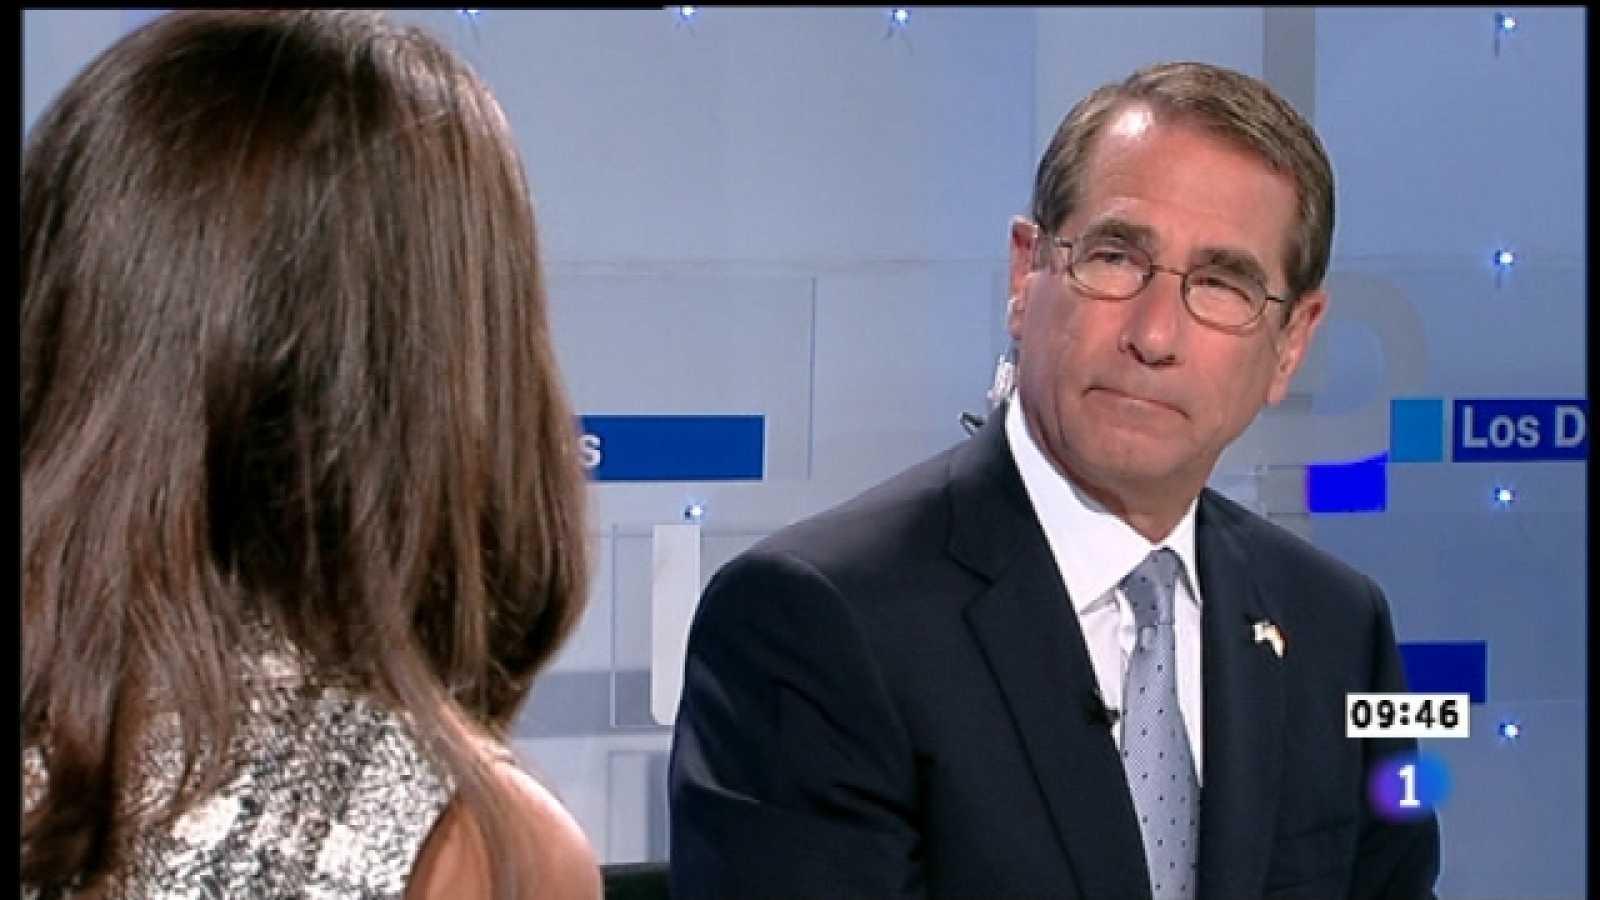 Los desayunos de TVE - Alan Salomon, Embajador de EE.UU. en España  - Ver ahora